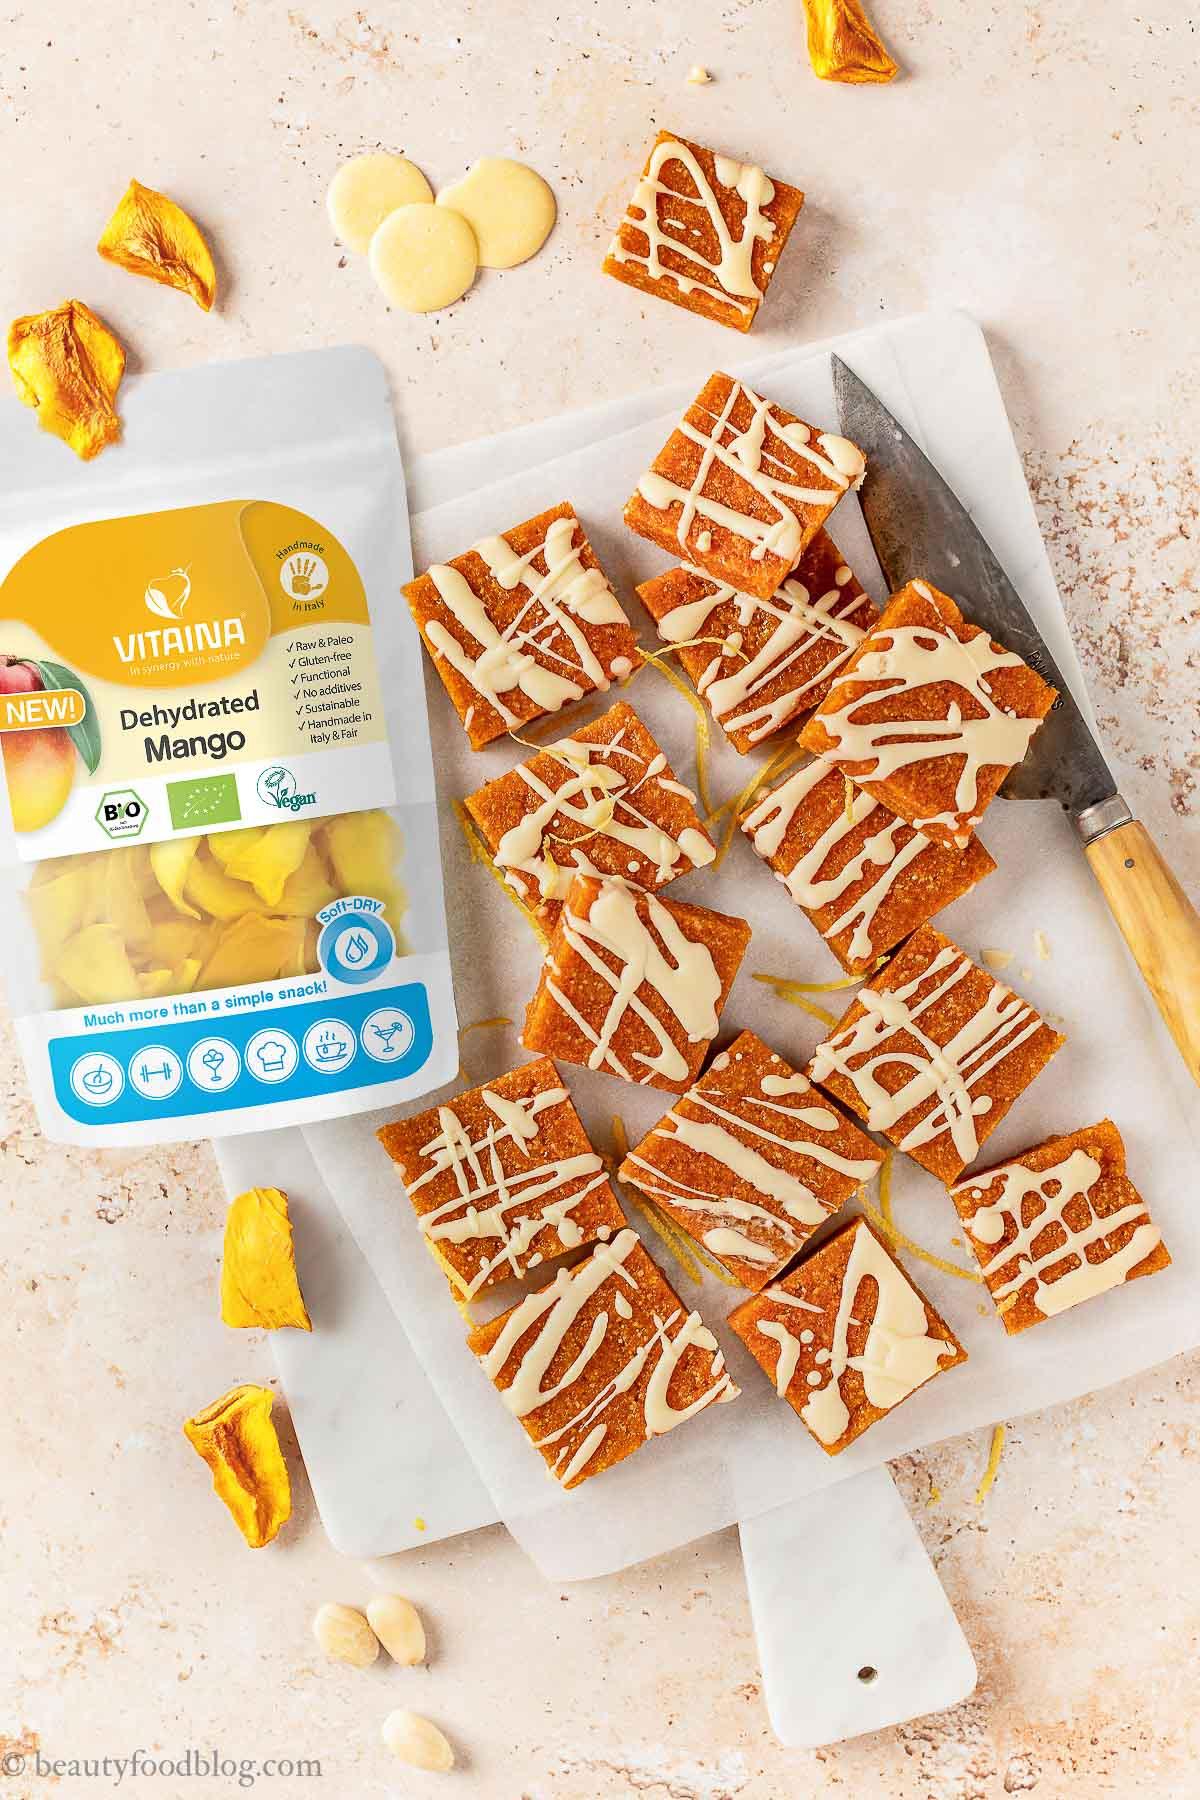 barrette energetiche alle albicocche e mandorle senza zucchero con Mango Vitaina apricot almond energy bars sugar-free